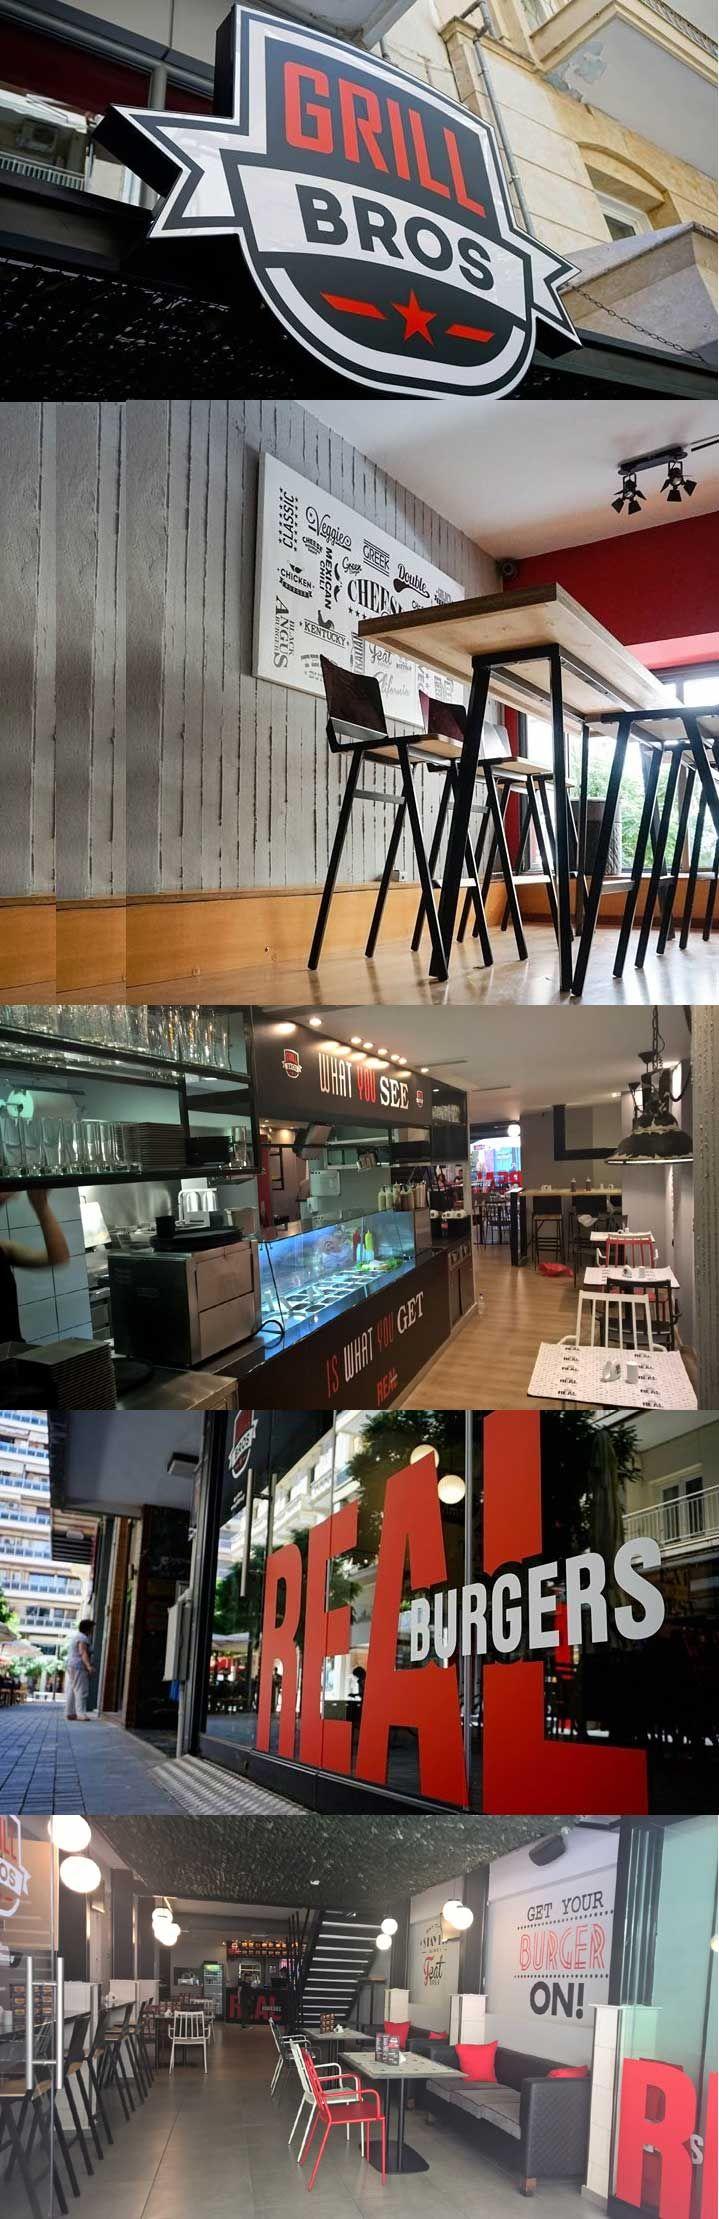 Το νέο κατάστημα GRILL BROS στη Θεσσαλονίκη με τα χορταστικά Big size burger του και με ανανεωμένο στήσιμο καταστήματος.